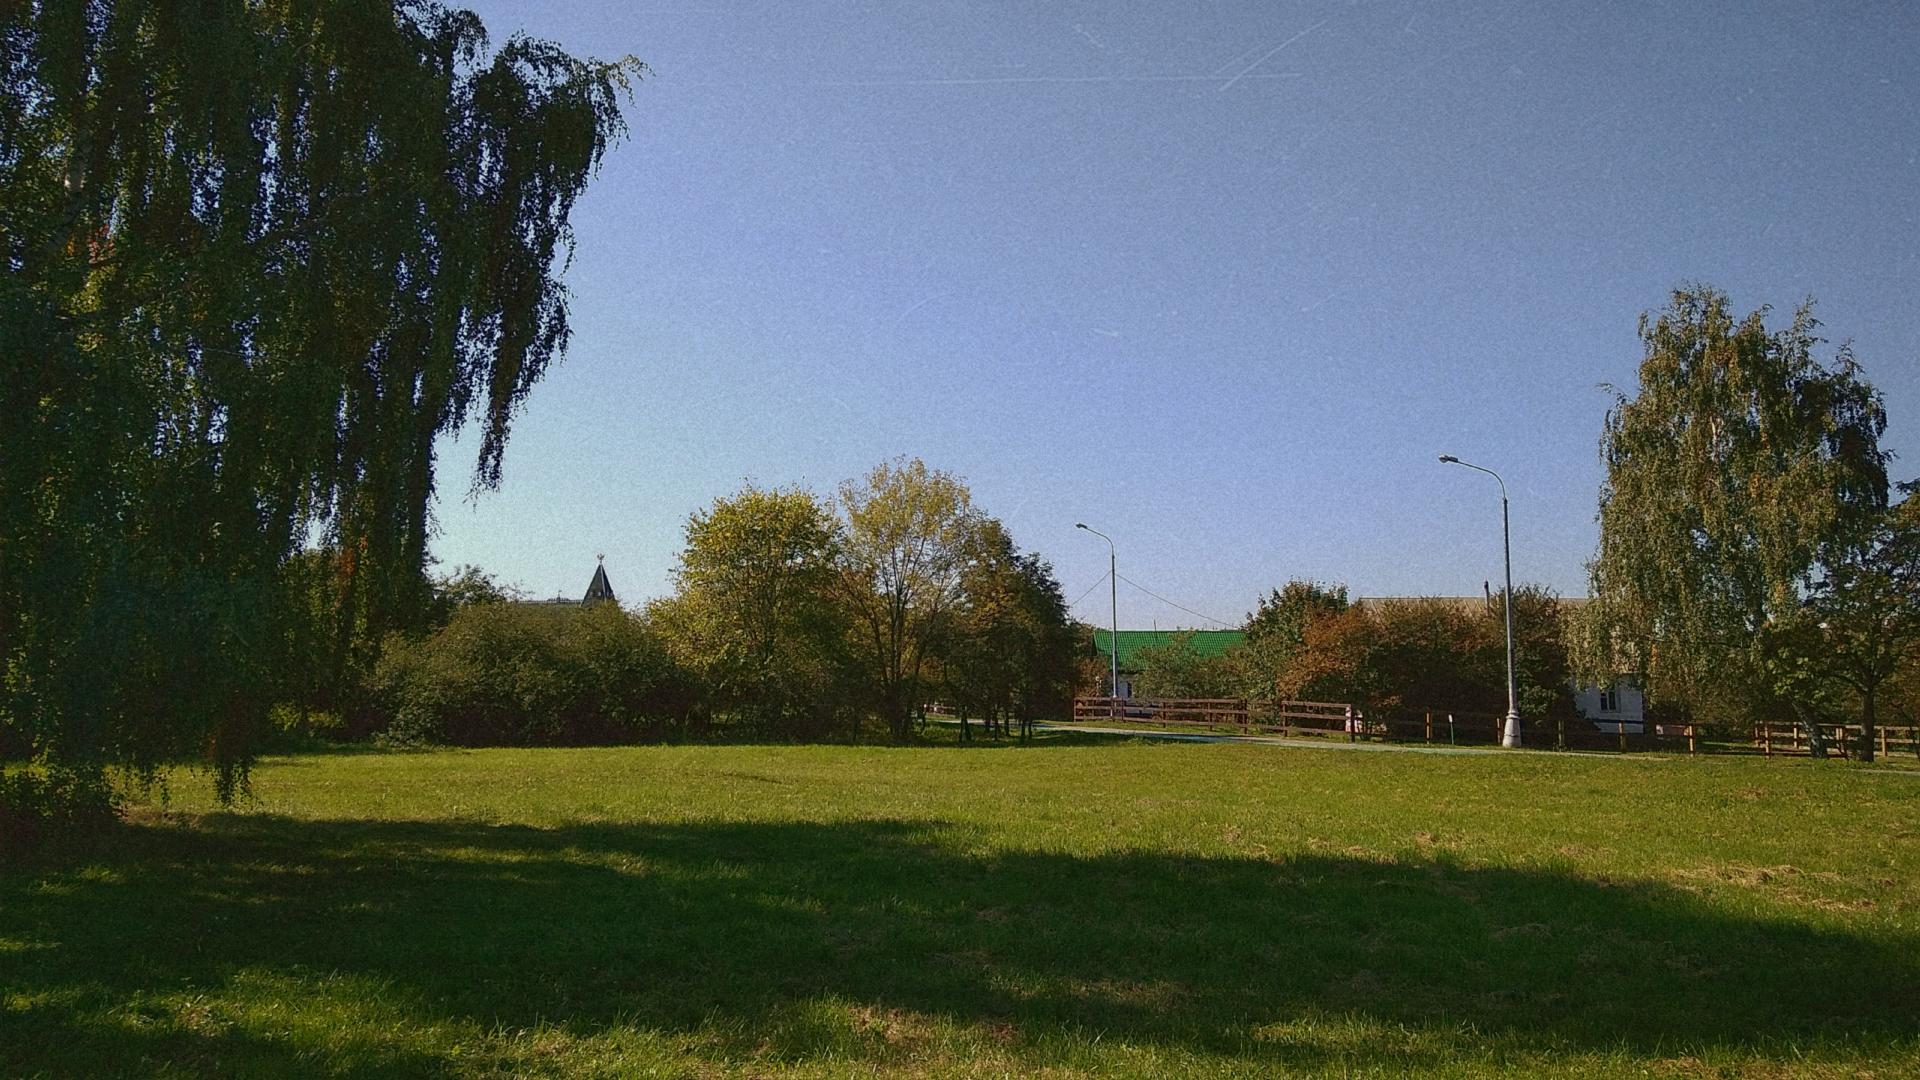 Пешие прогулки 2: Москва. Коломенский заповедник + строящийся Диснейленд